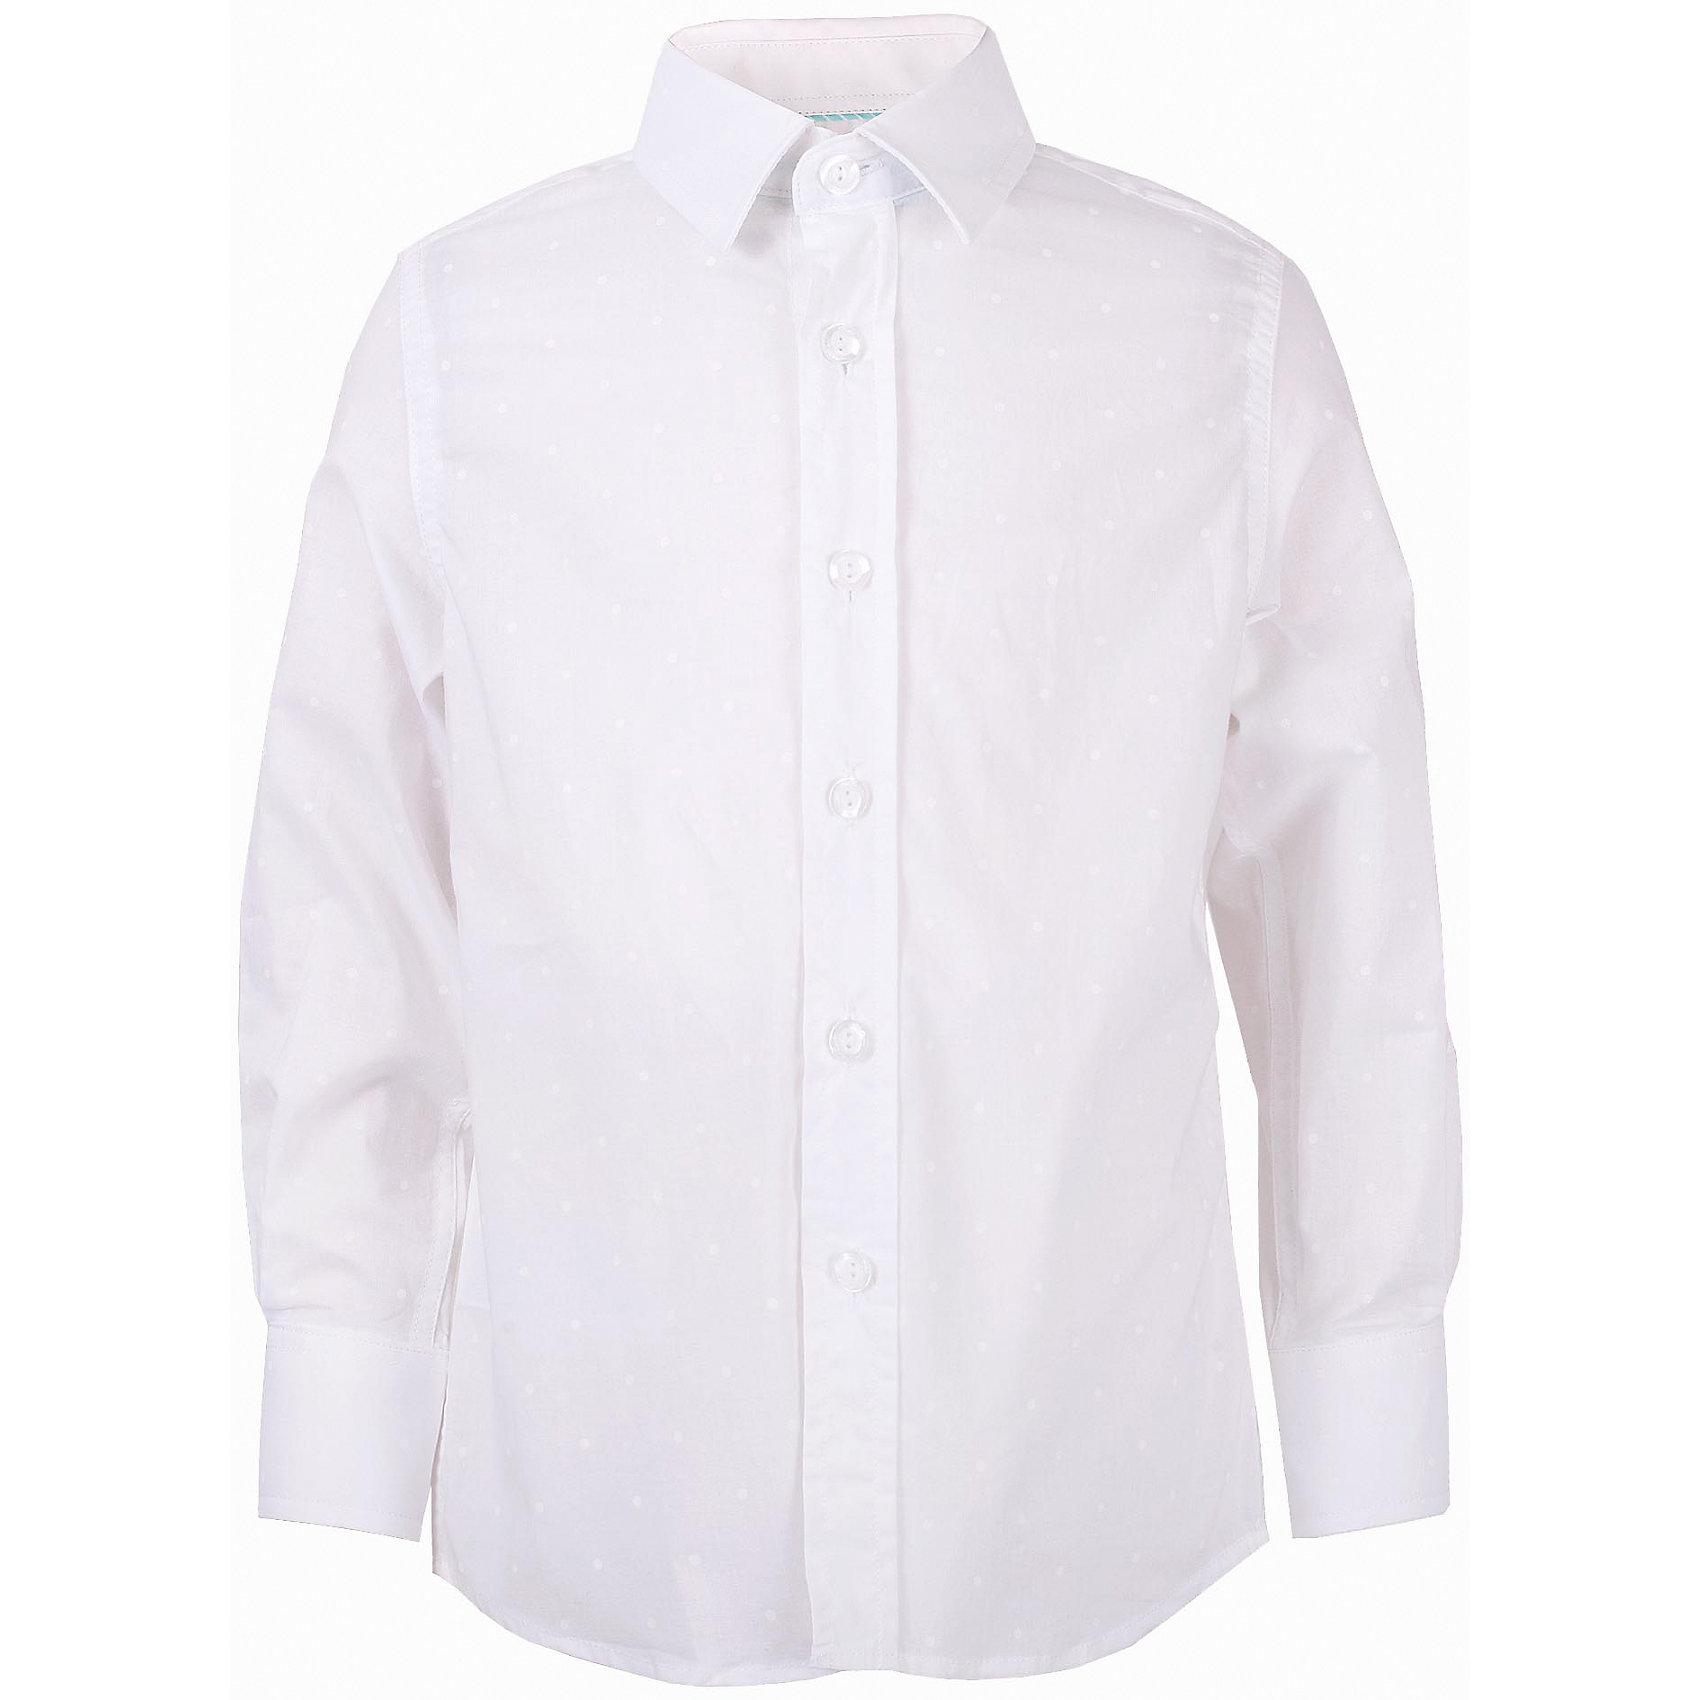 Рубашка для мальчика GulliverБлузки и рубашки<br>Модная рубашка для мальчика сделает образ ребенка новым и необычным! Интересная фактурная ткань, чуть приталенный силуэт делают рубашку эффектным элементом нарядного летнего гардероба! Если вы хотите купить оригинальную рубашку из 100% хлопка, которая способна подчеркнуть красоту и торжественность момента, эта рубашка - достойный  выбор! В ней ребенку гарантирован прекрасный внешний вид, а также комфорт и свобода движений.<br>Состав:<br>100% хлопок<br><br>Ширина мм: 174<br>Глубина мм: 10<br>Высота мм: 169<br>Вес г: 157<br>Цвет: белый<br>Возраст от месяцев: 24<br>Возраст до месяцев: 36<br>Пол: Мужской<br>Возраст: Детский<br>Размер: 98,104,110,116<br>SKU: 5483330